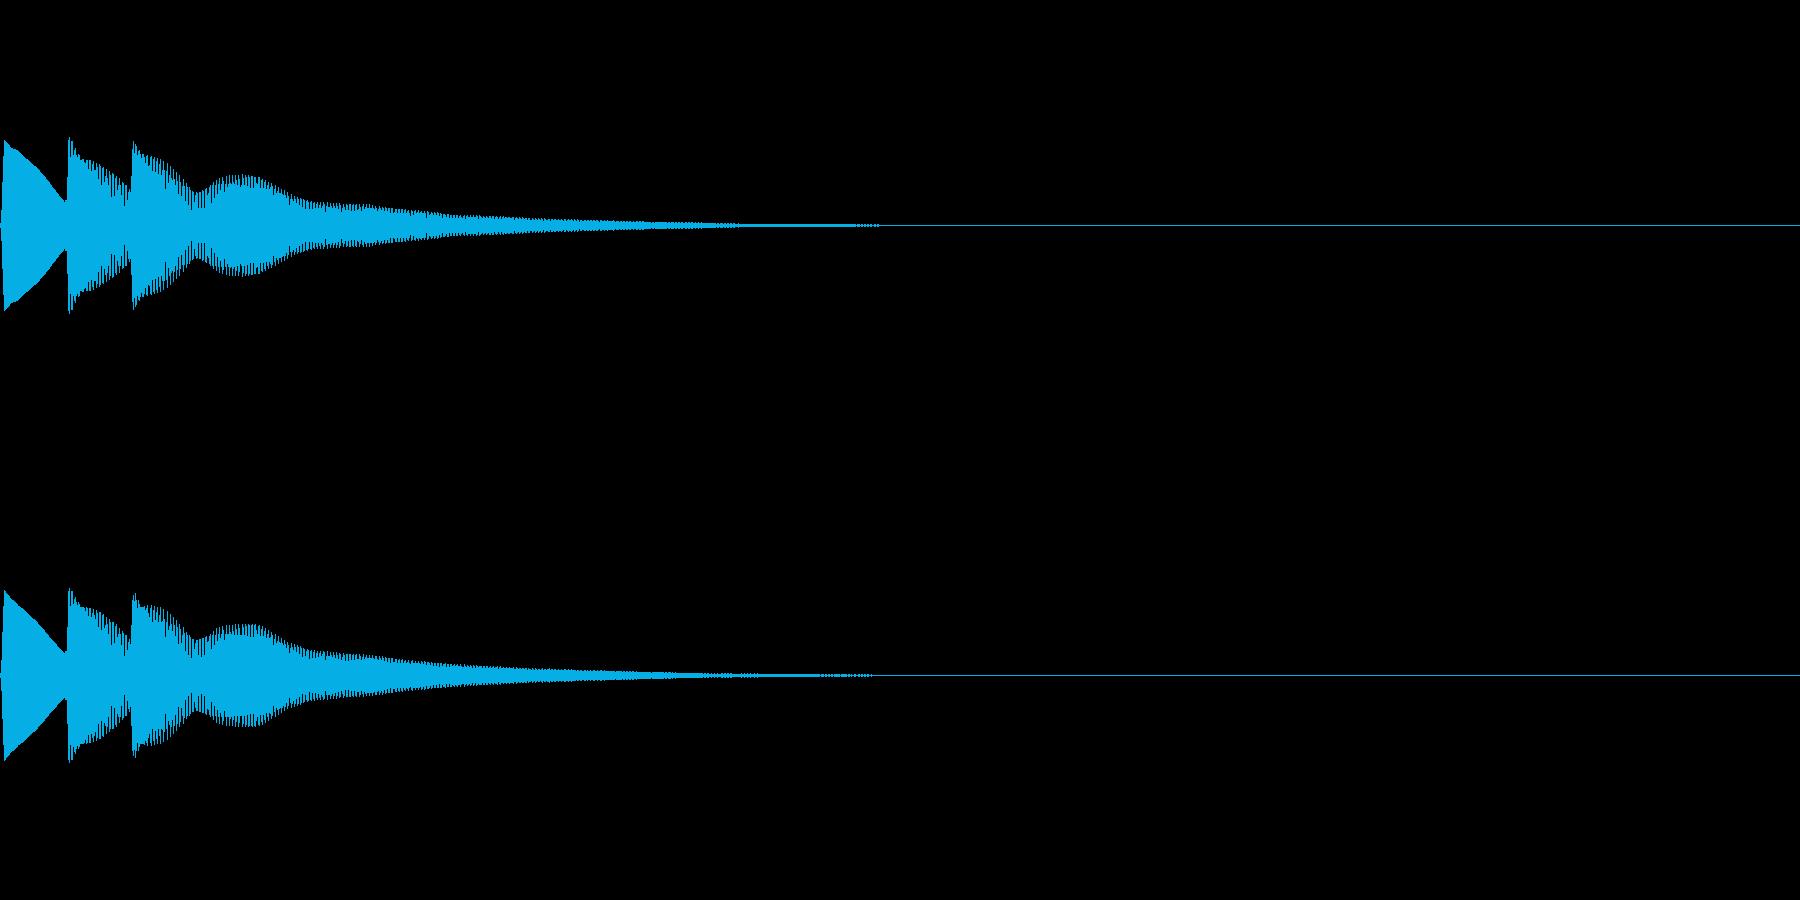 ティロローン(ベル系単発の音)の再生済みの波形